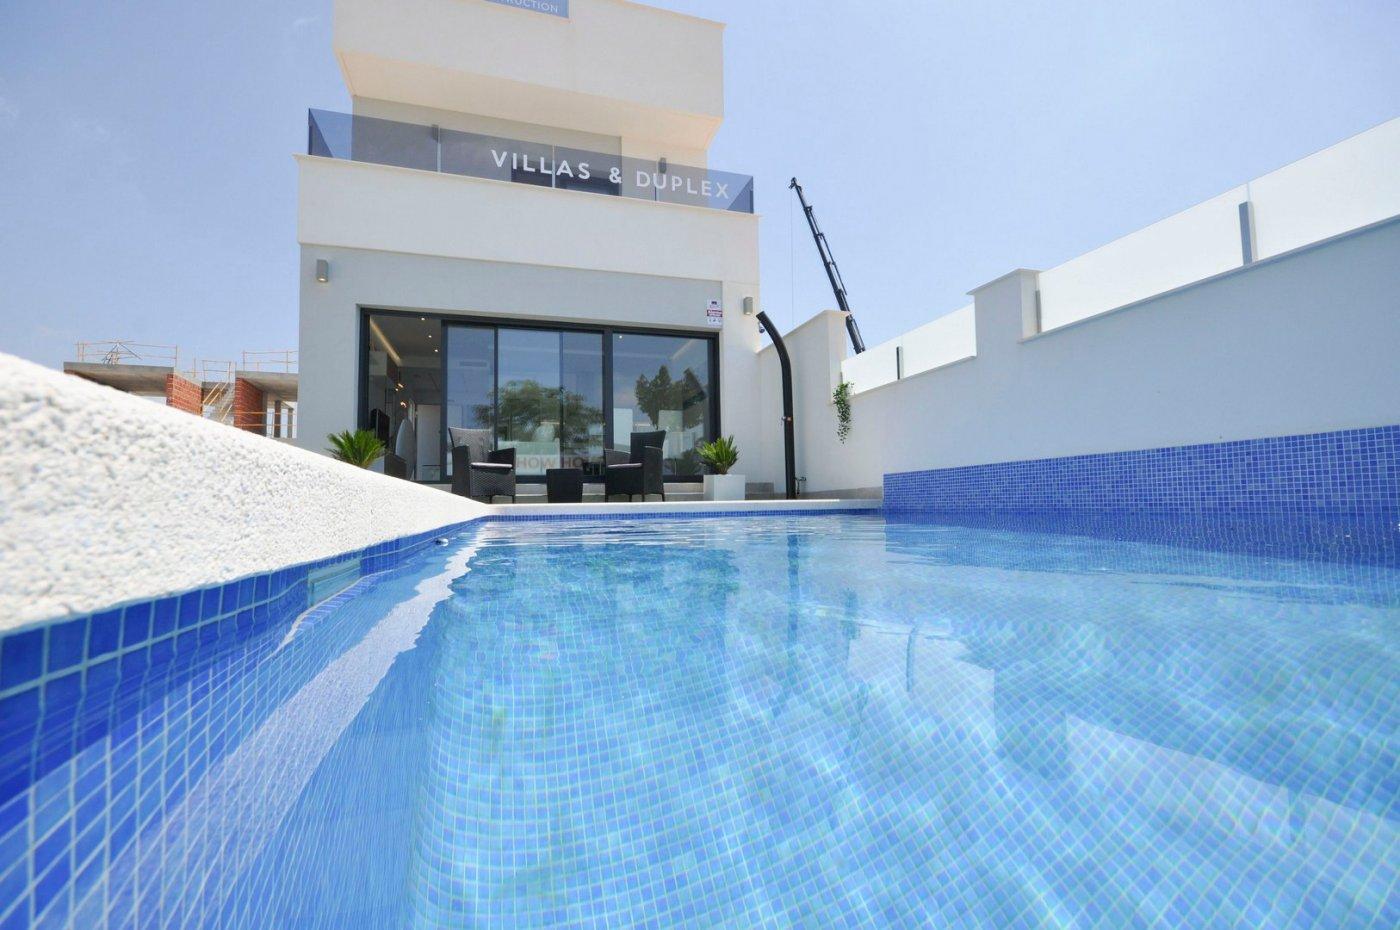 villa-de-lujo en pilar-de-la-horadada · los-segundas 206900€